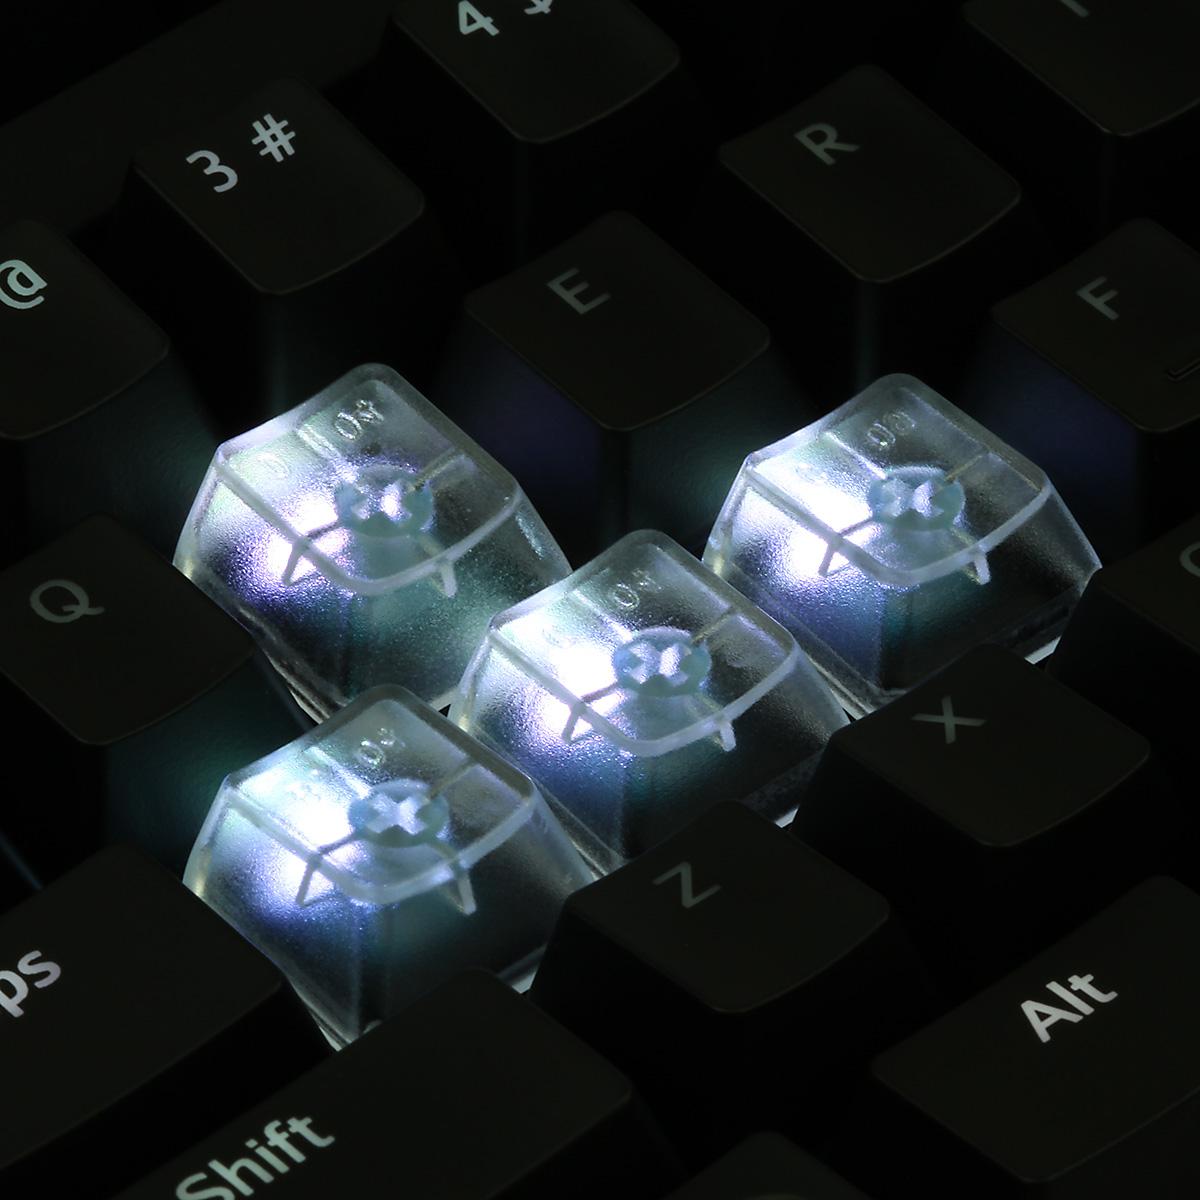 Clear Translucent Cherry MX Blank Keycap Set (ESC, WASD, Arrow Keys)